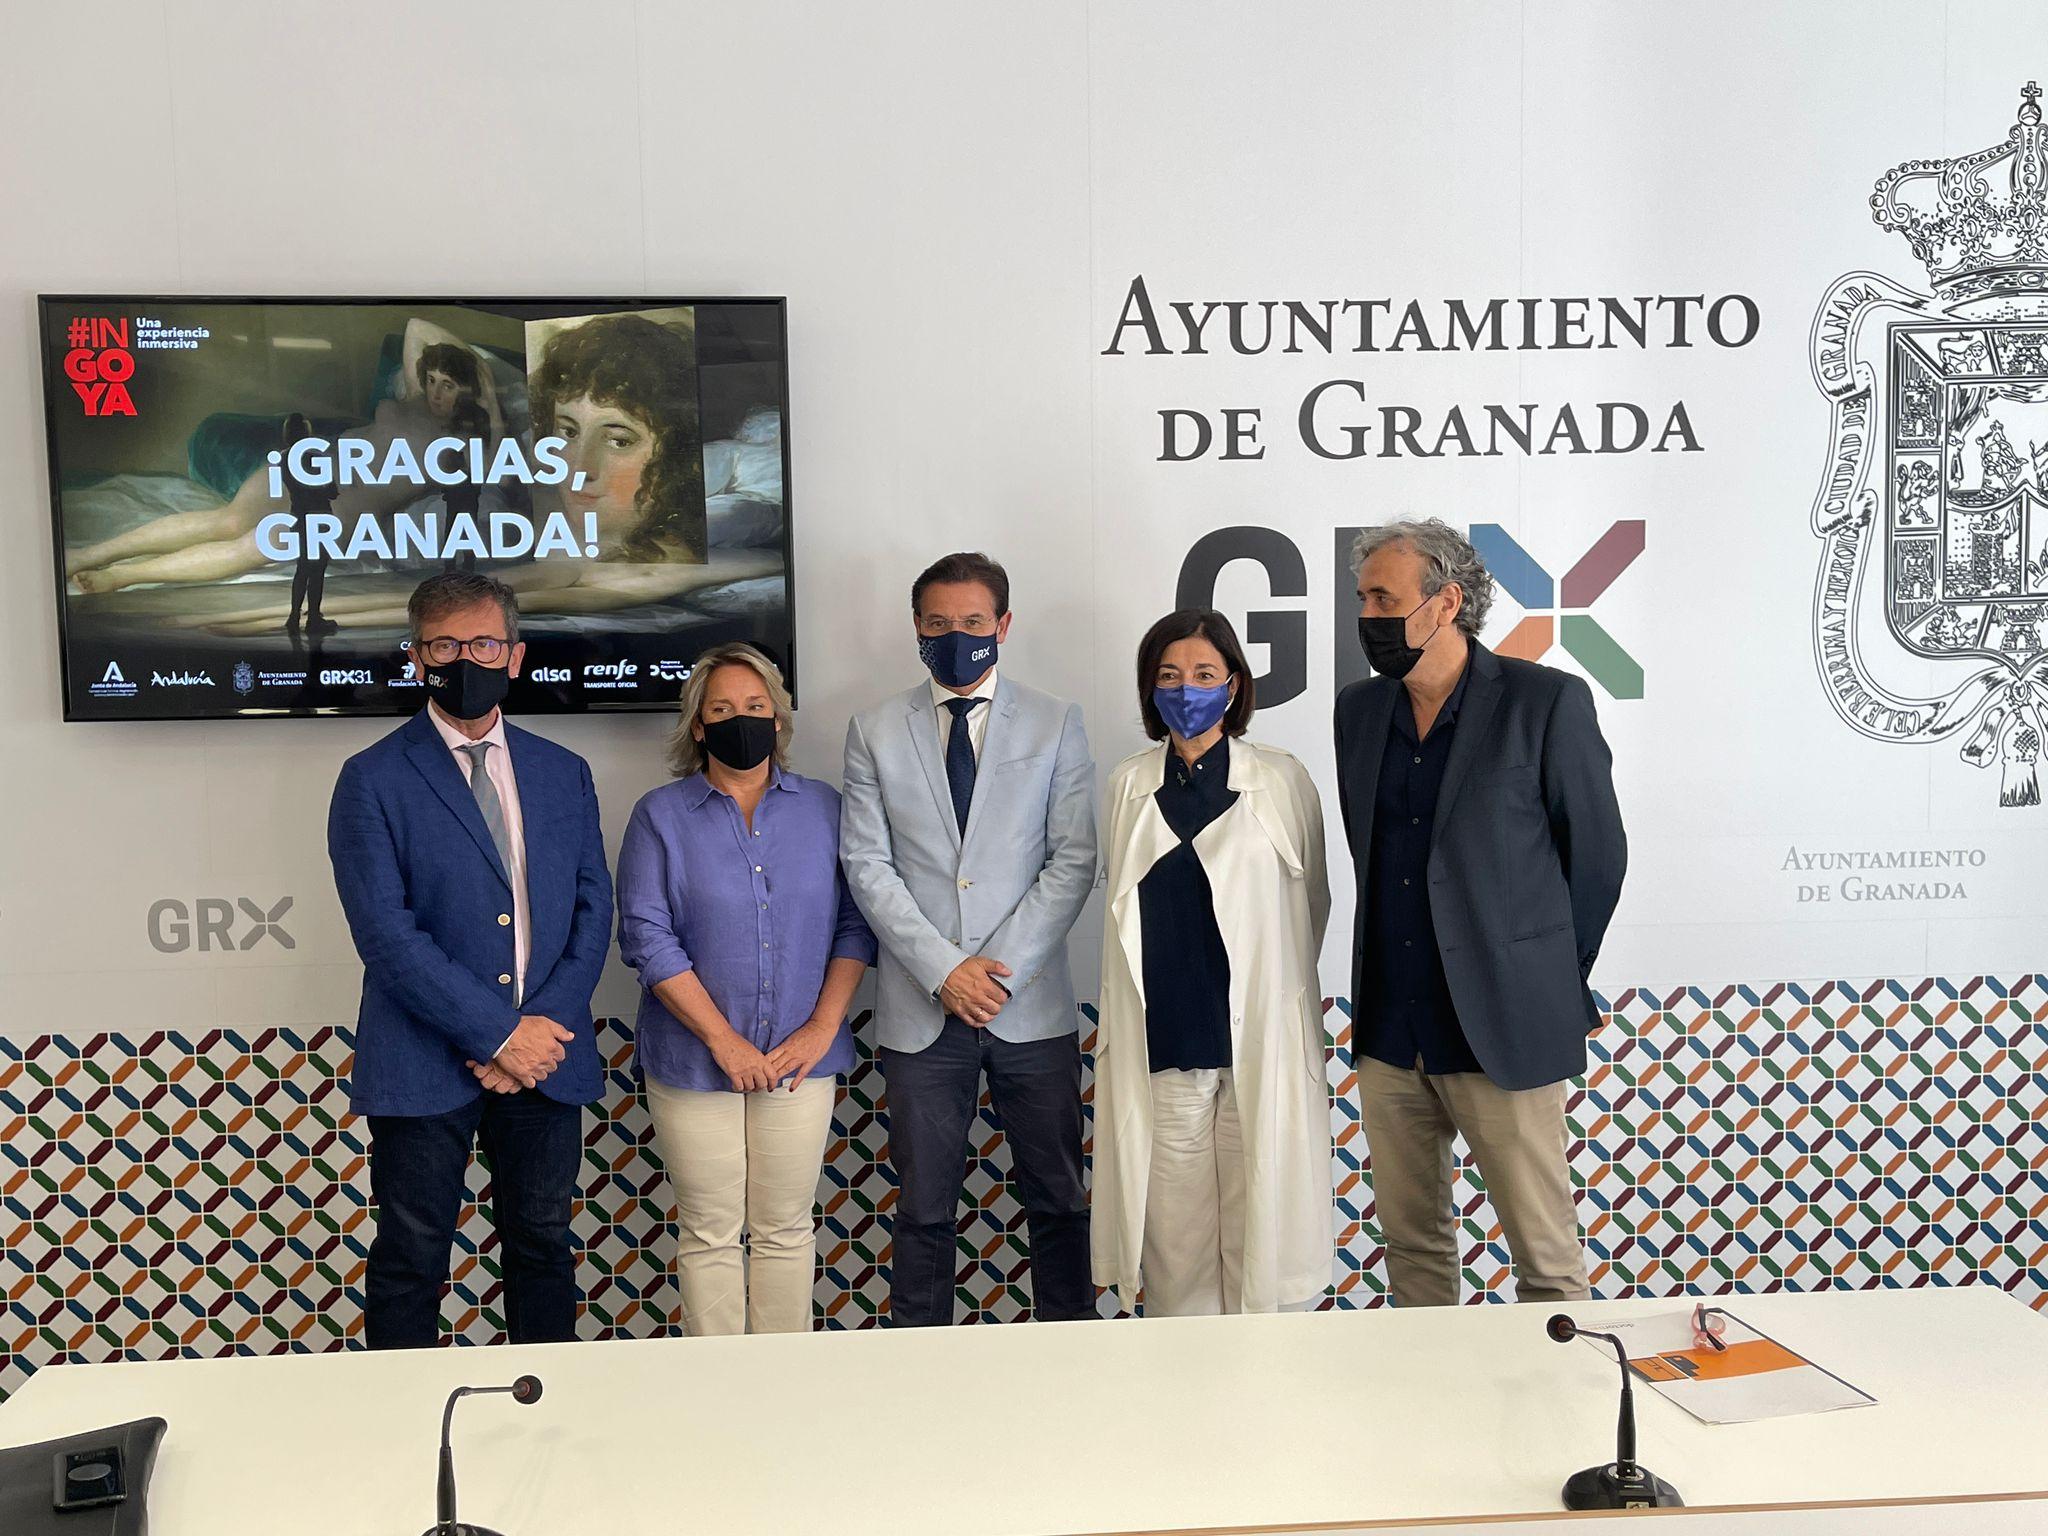 La Junta pone en valor el impacto de la exposición #INGOYA en el turismo de Granada